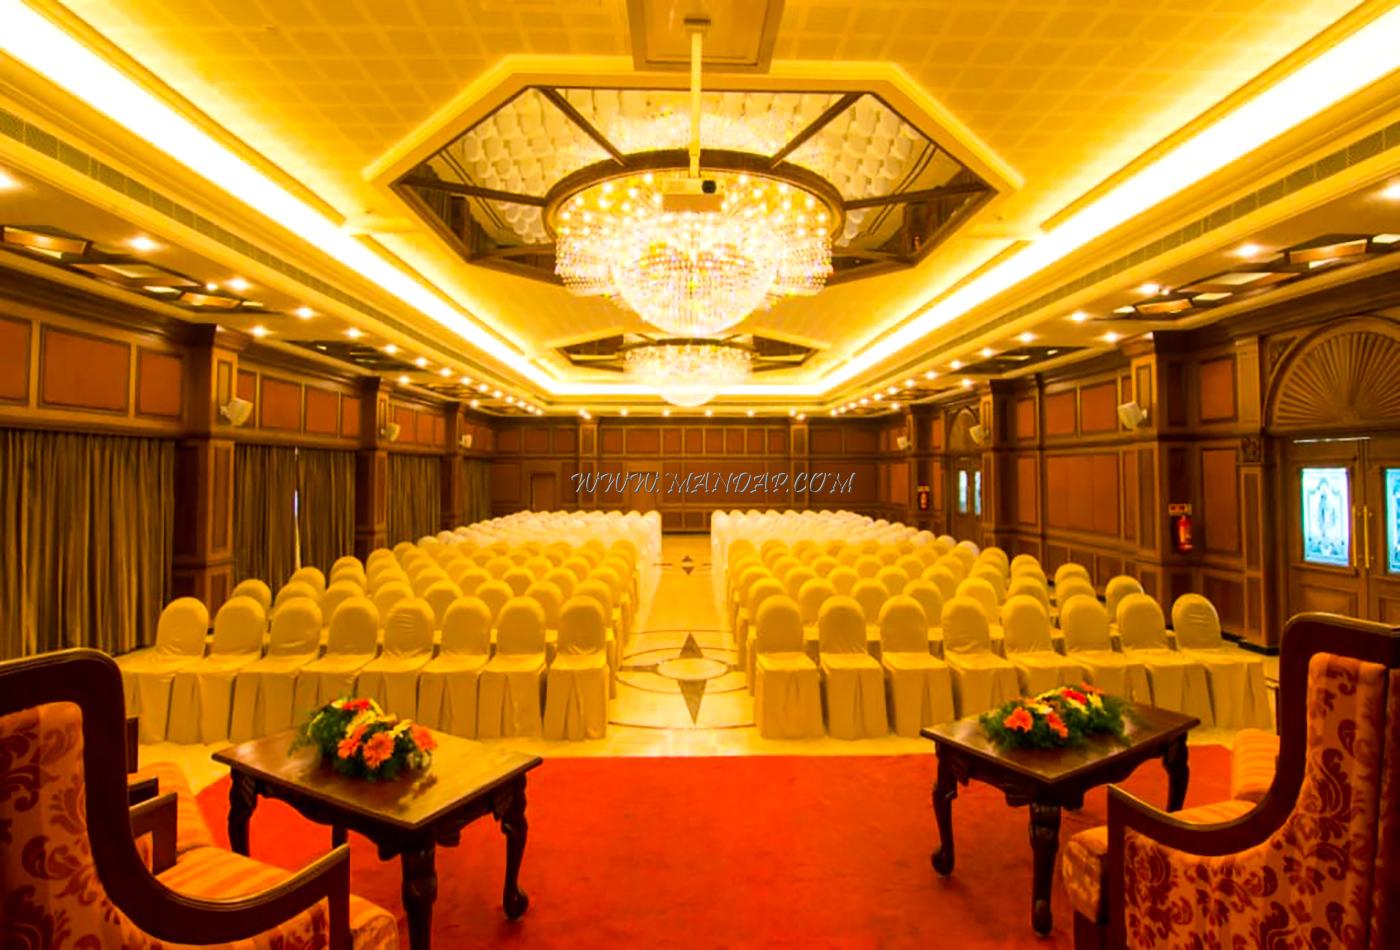 Find More Banquet Halls in Muthialpet